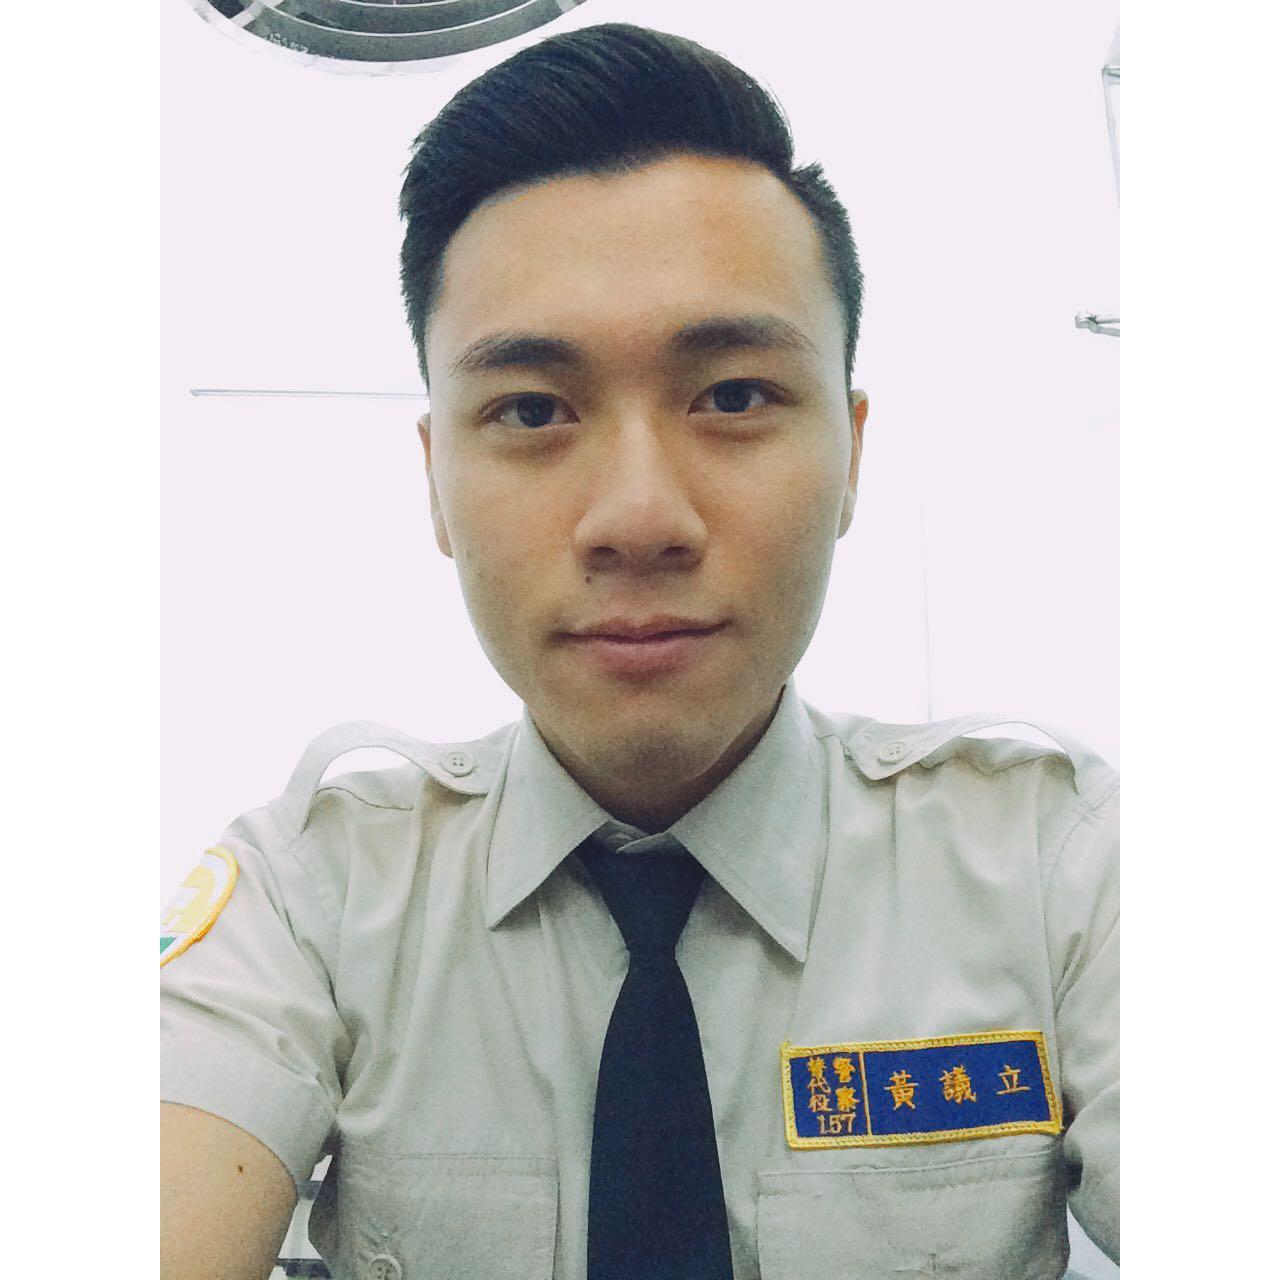 dex_huang